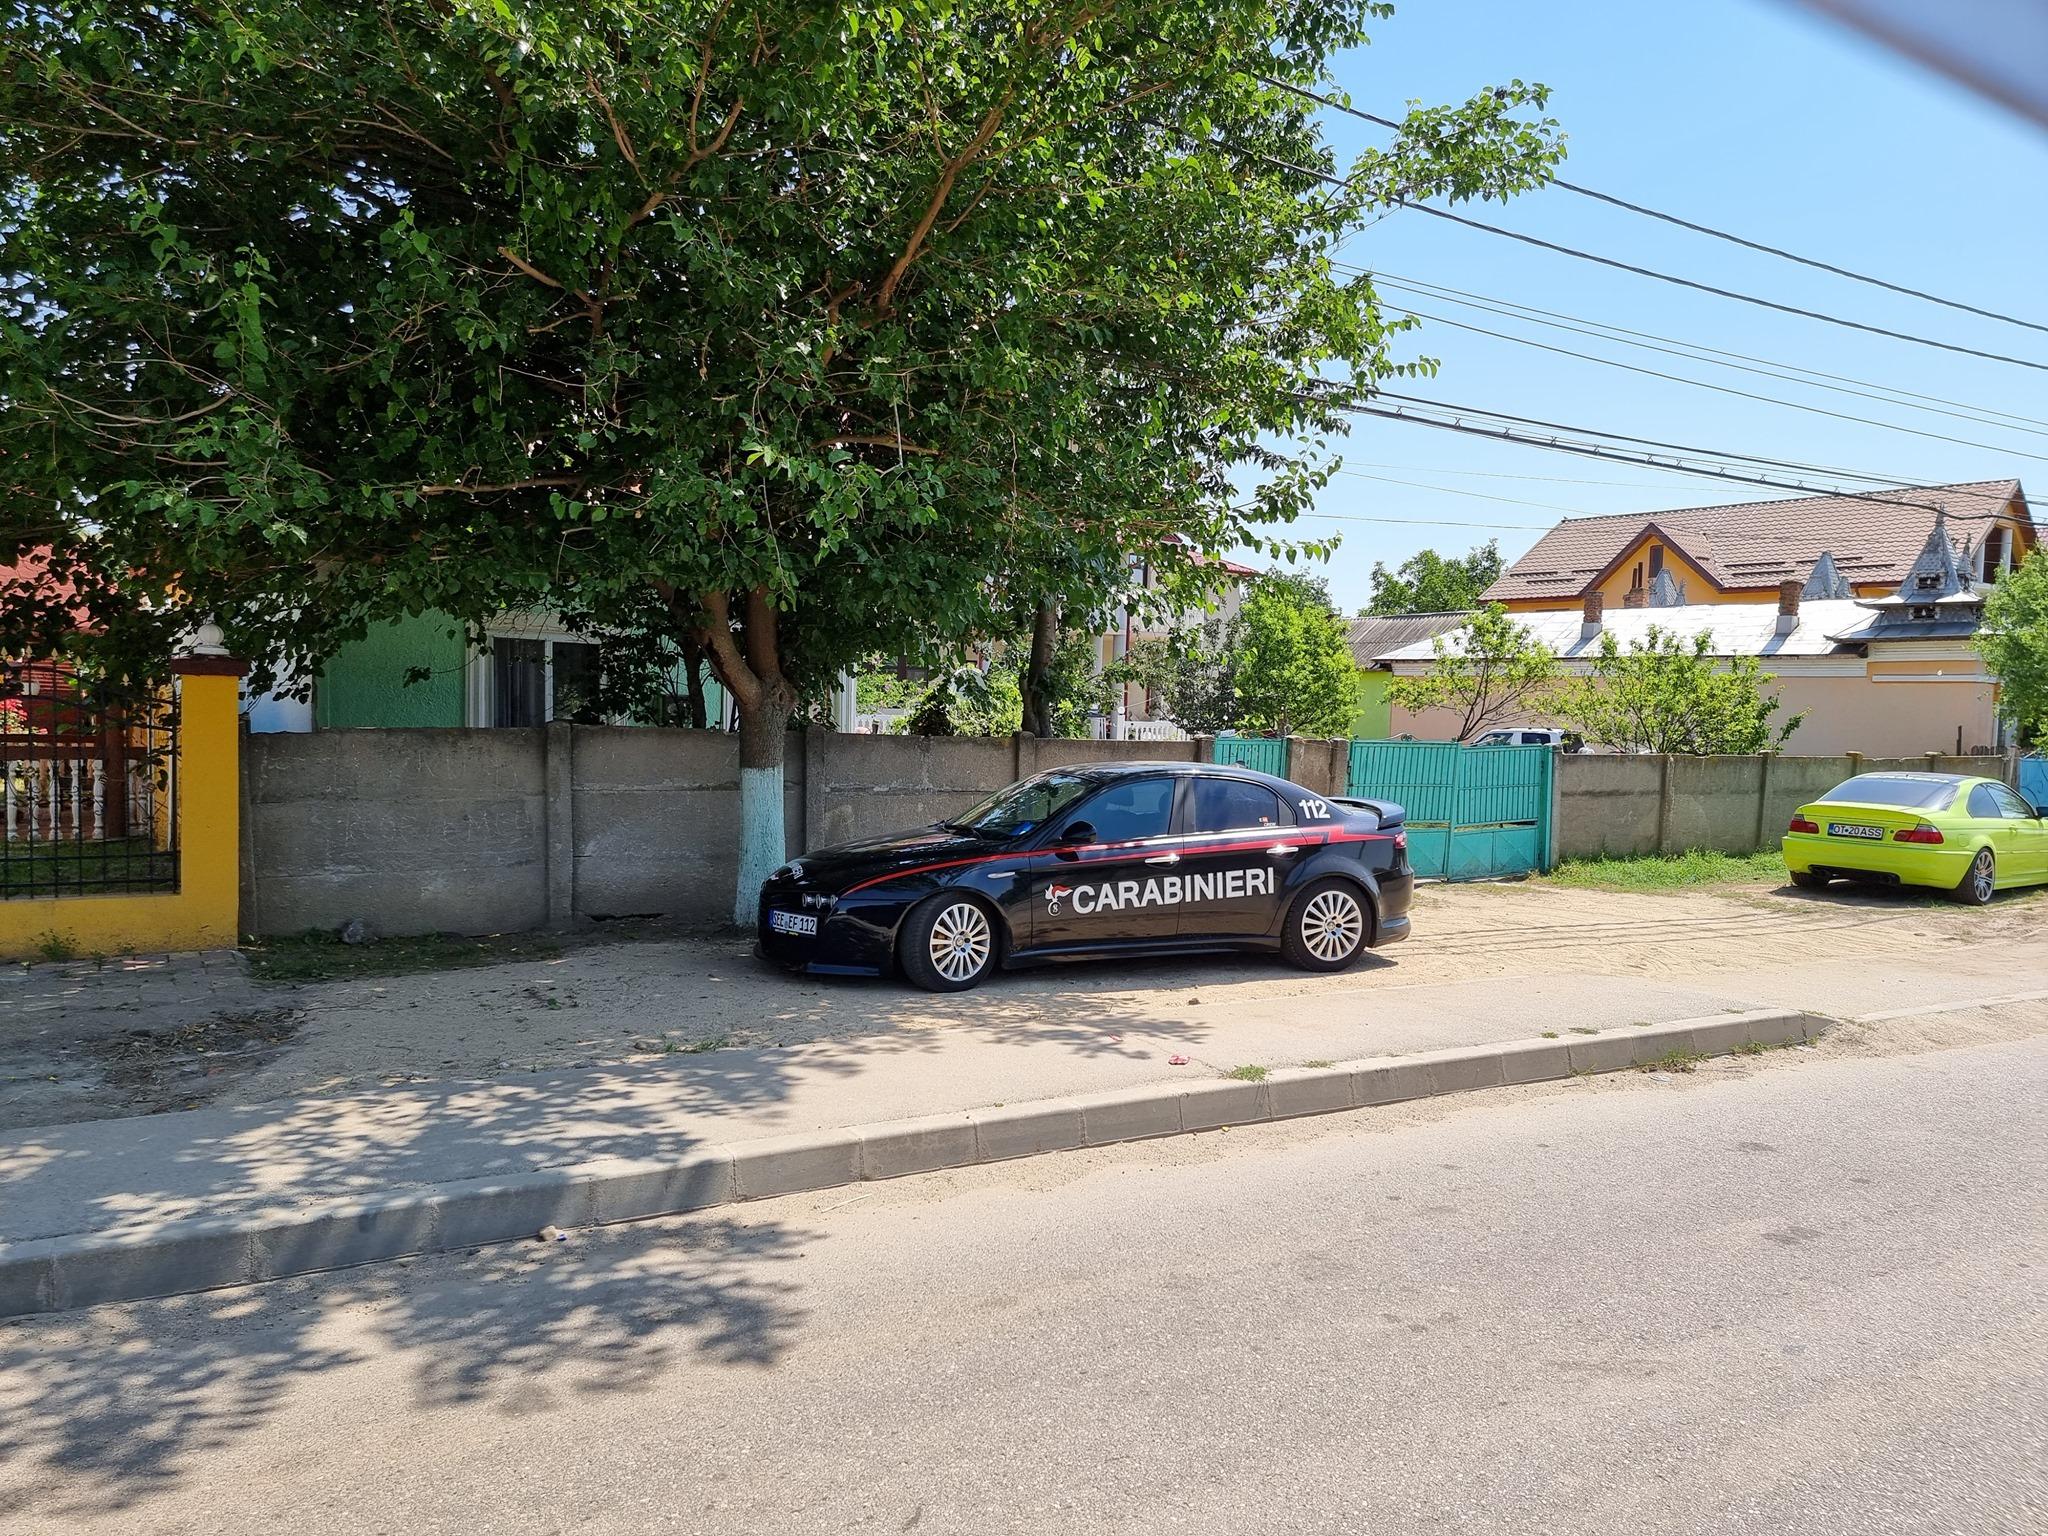 """Ce a pățit șoferul din Drăgănești-Olt care și-a inscripționat mașina cu """"Carabinieri"""" și """"112"""""""